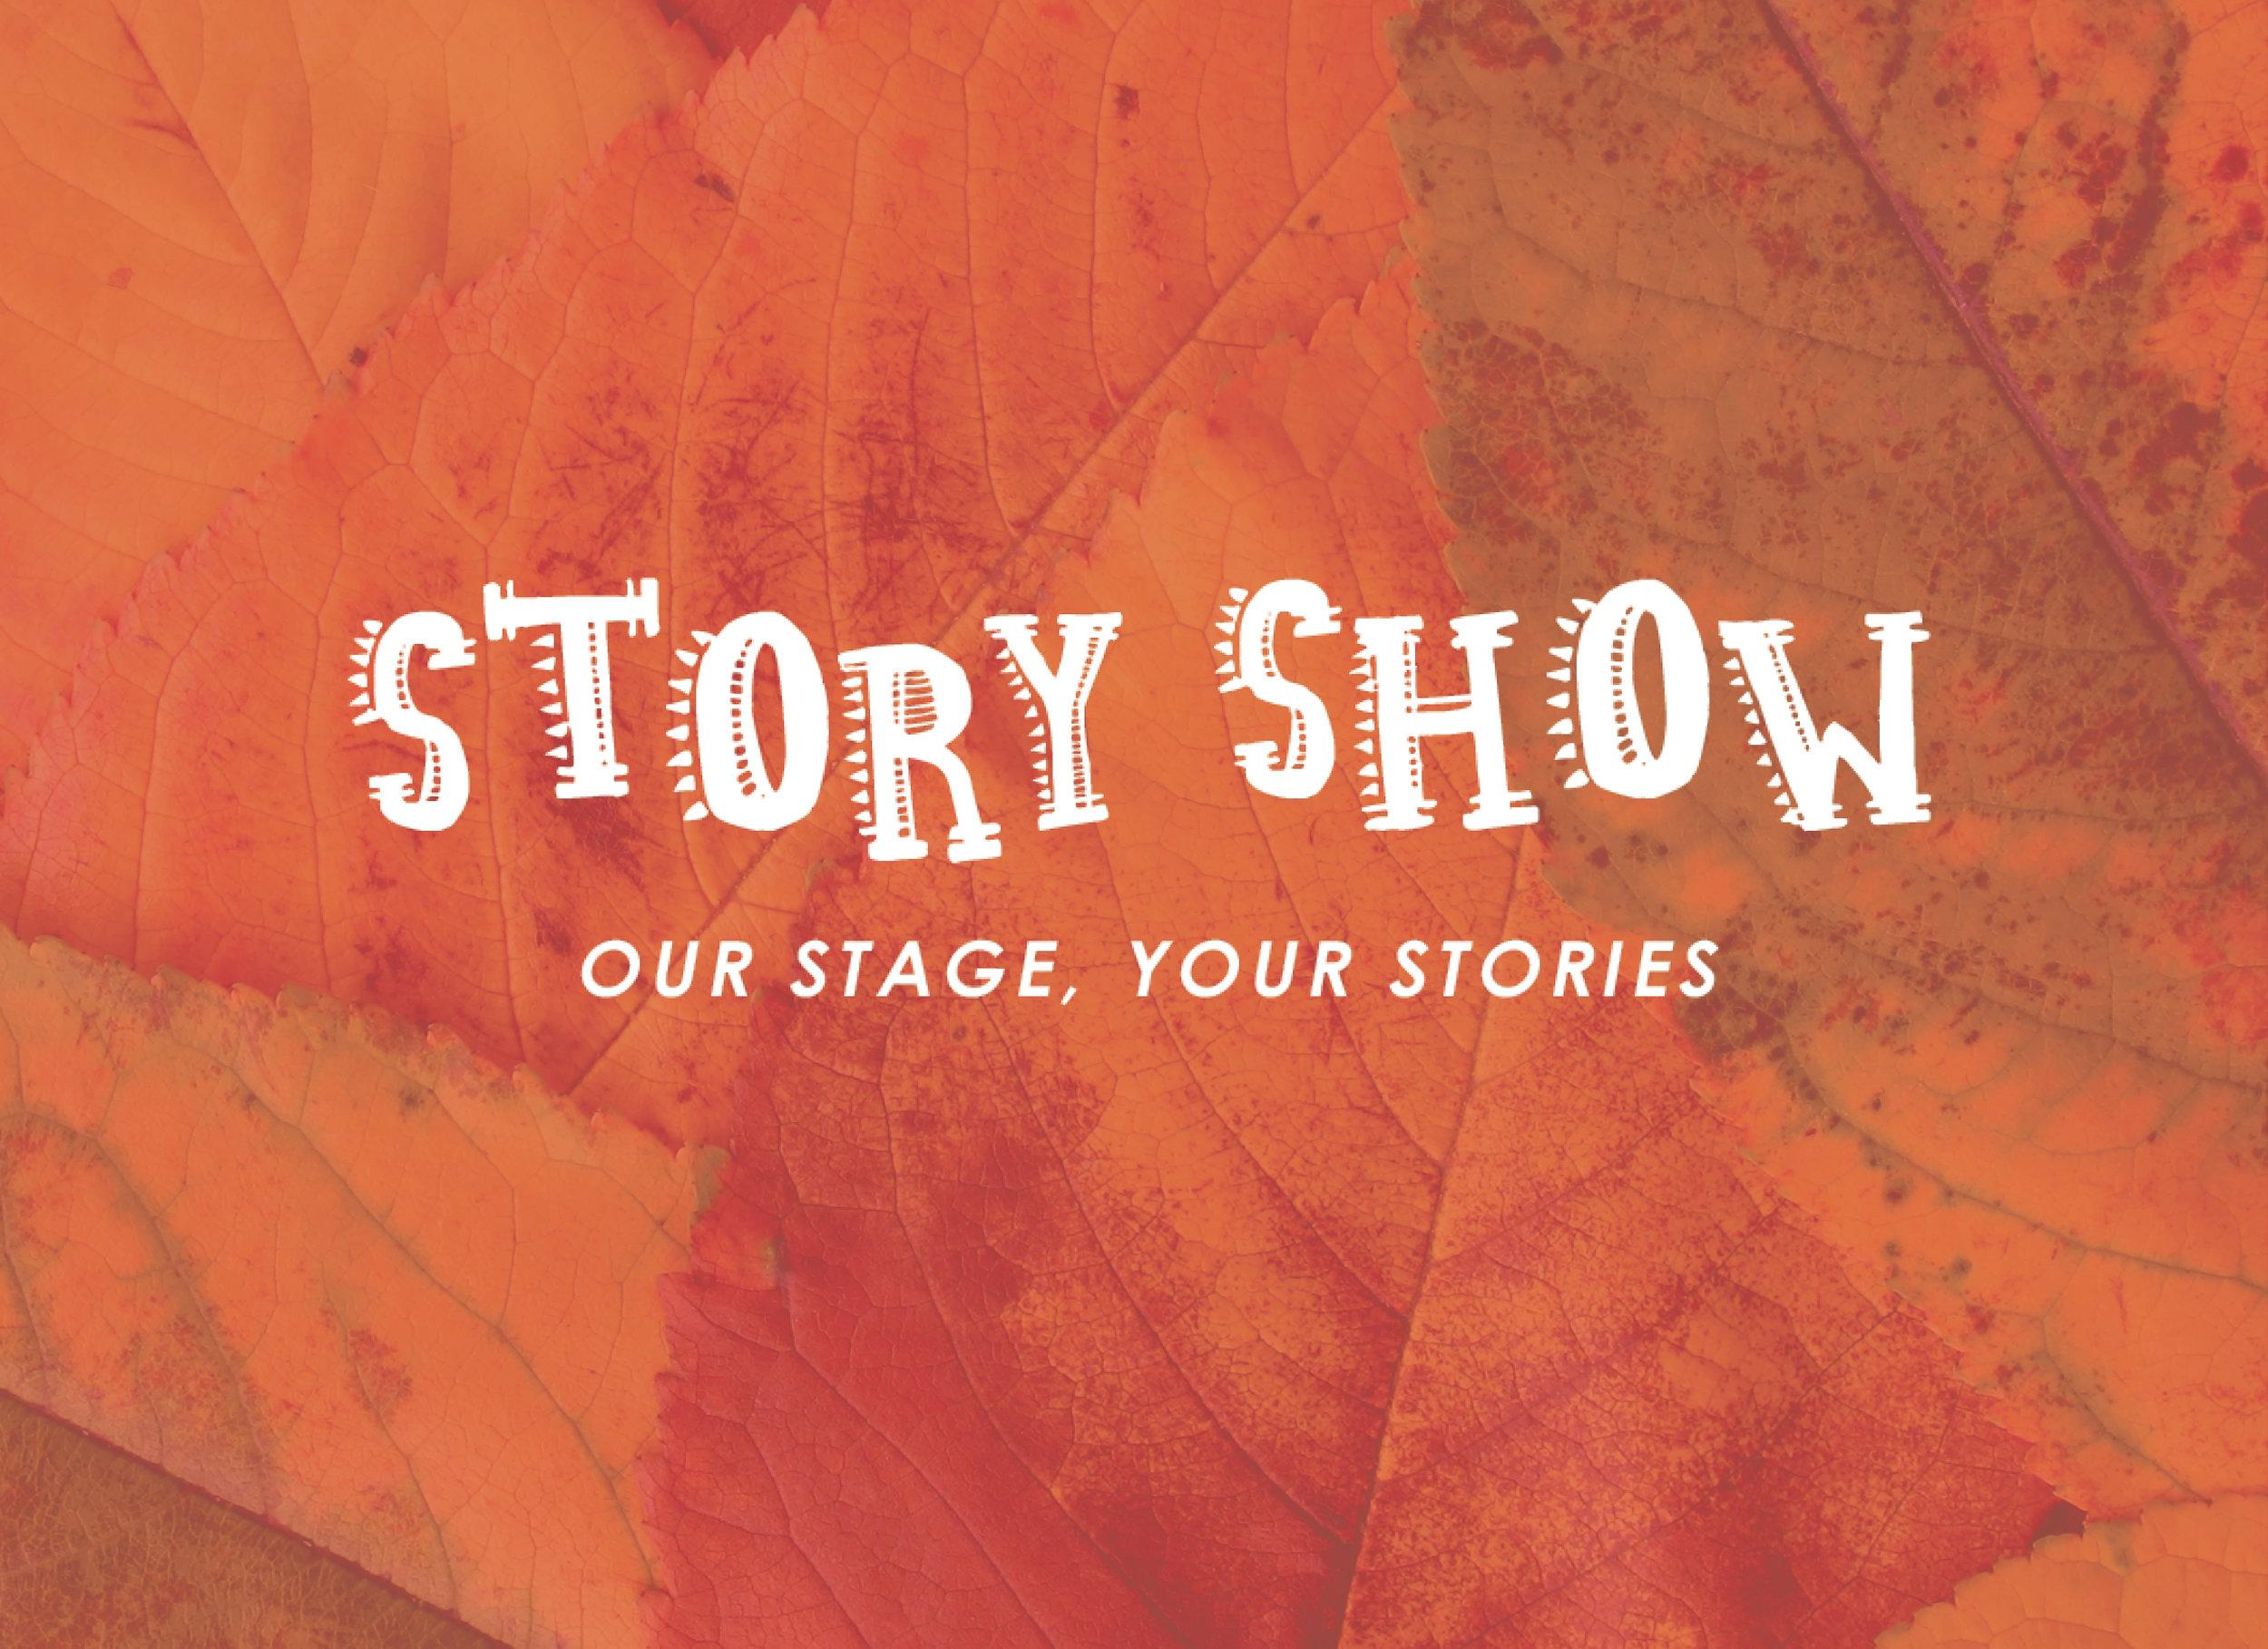 storyshowtestsv26.jpg